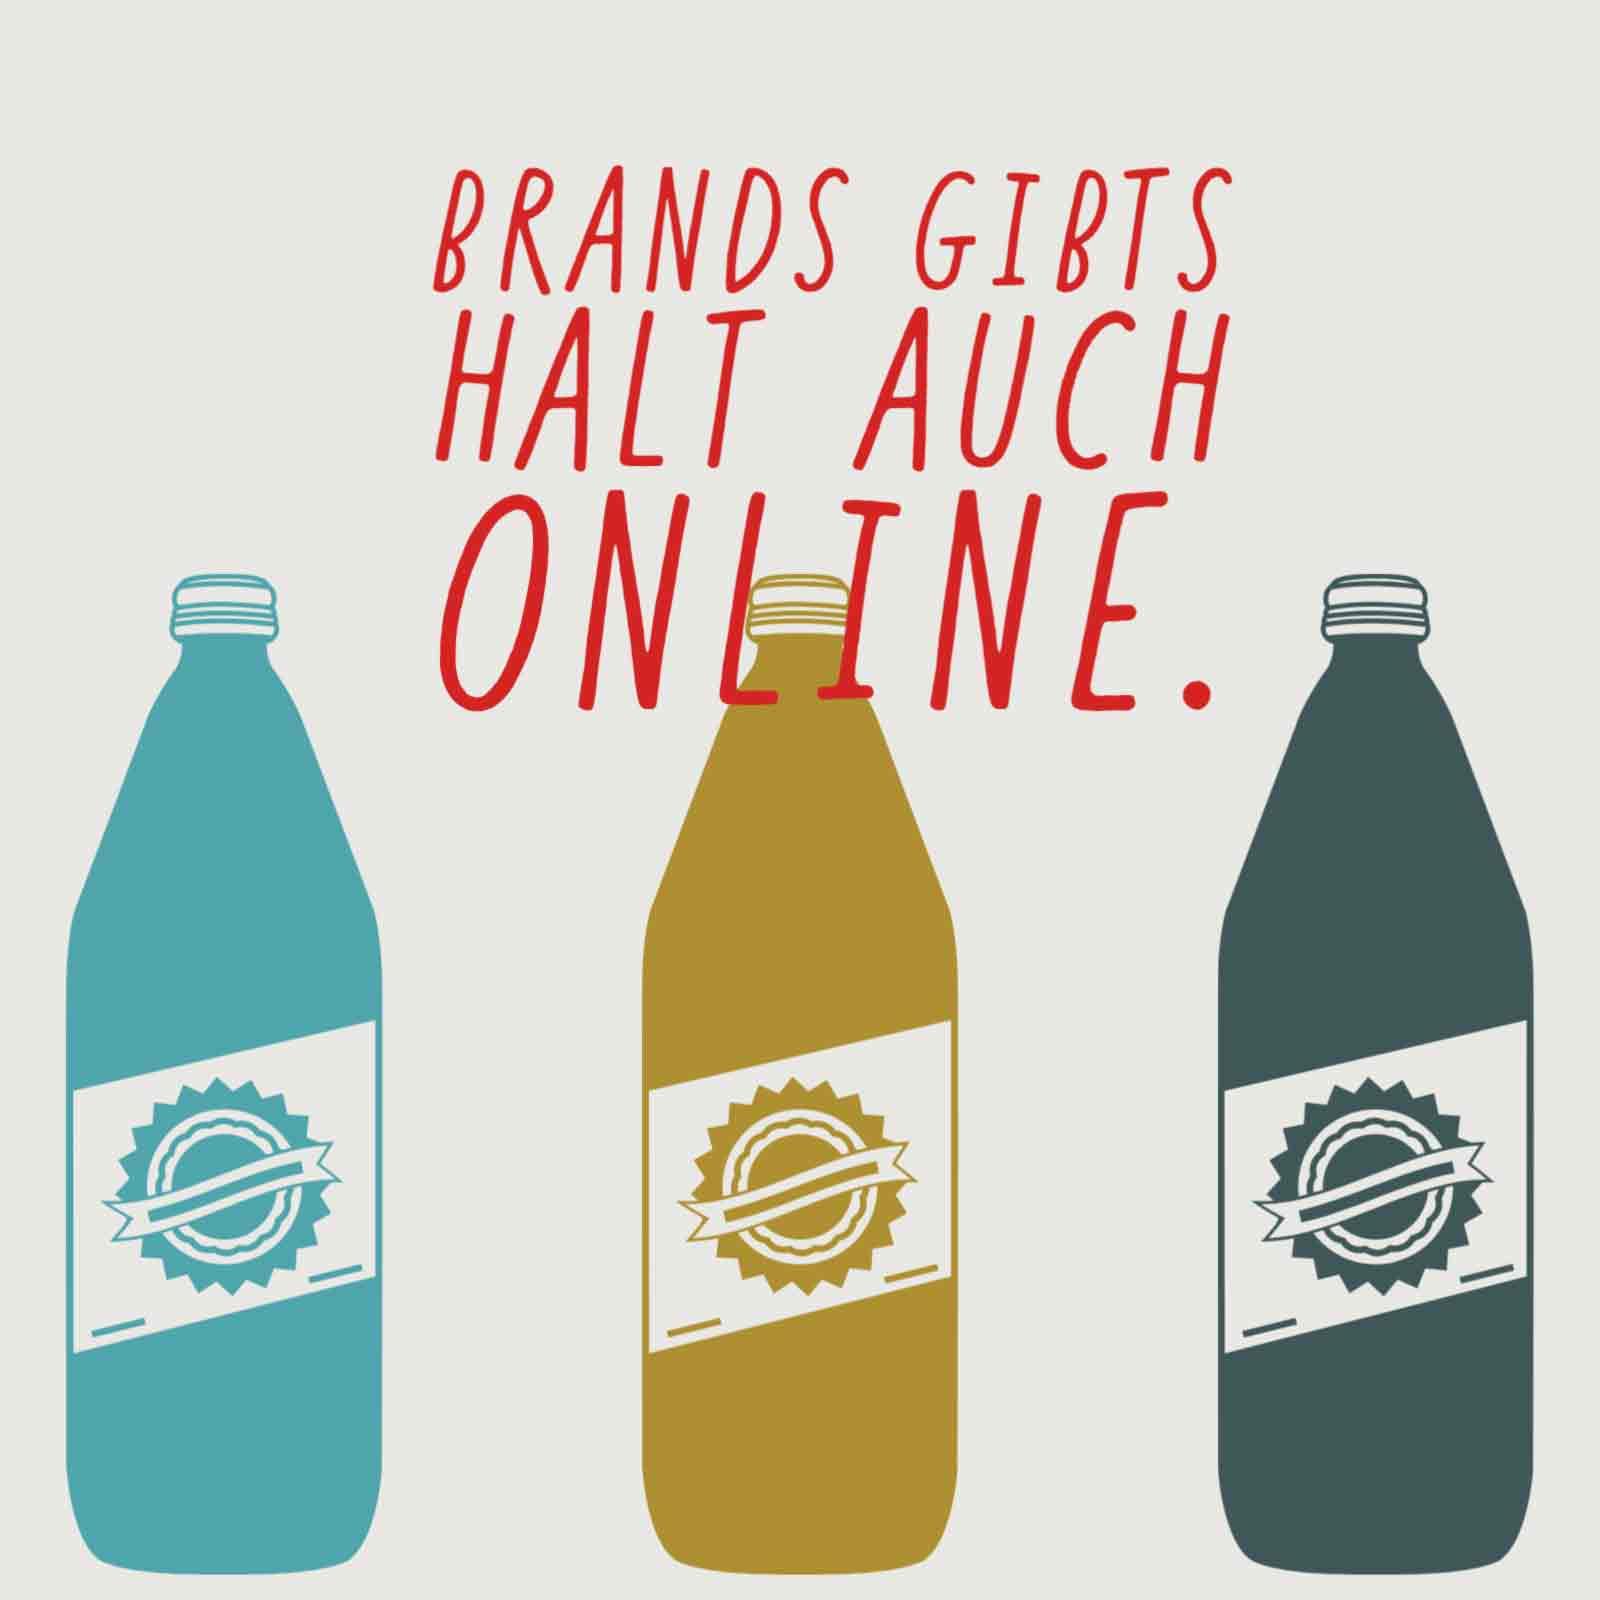 Abgebildet sind Flaschen einer Marke. Diese Stehen hier für Online Brands bzw. Online-Branding im Internet